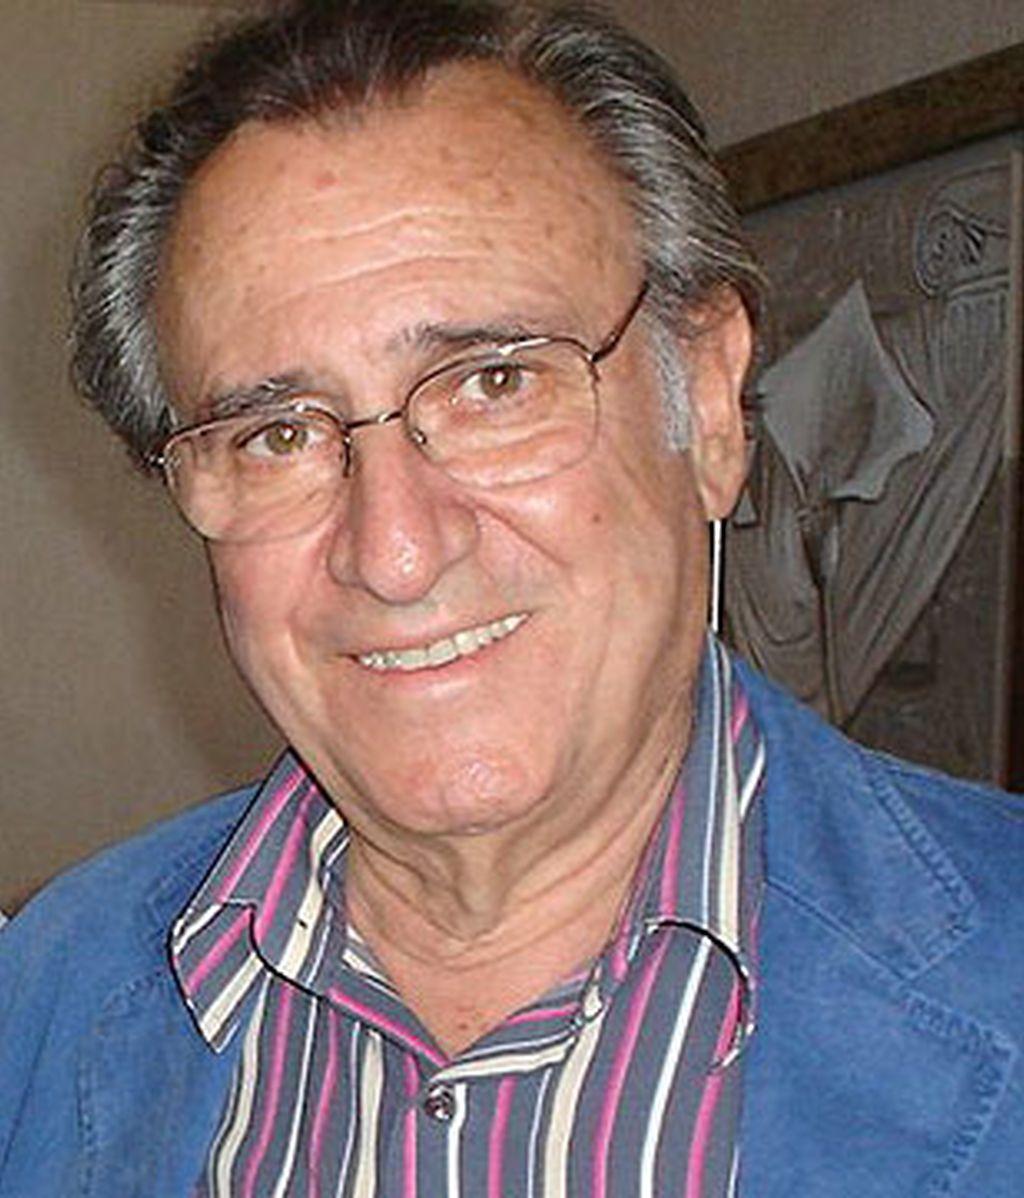 Manolo Escobar